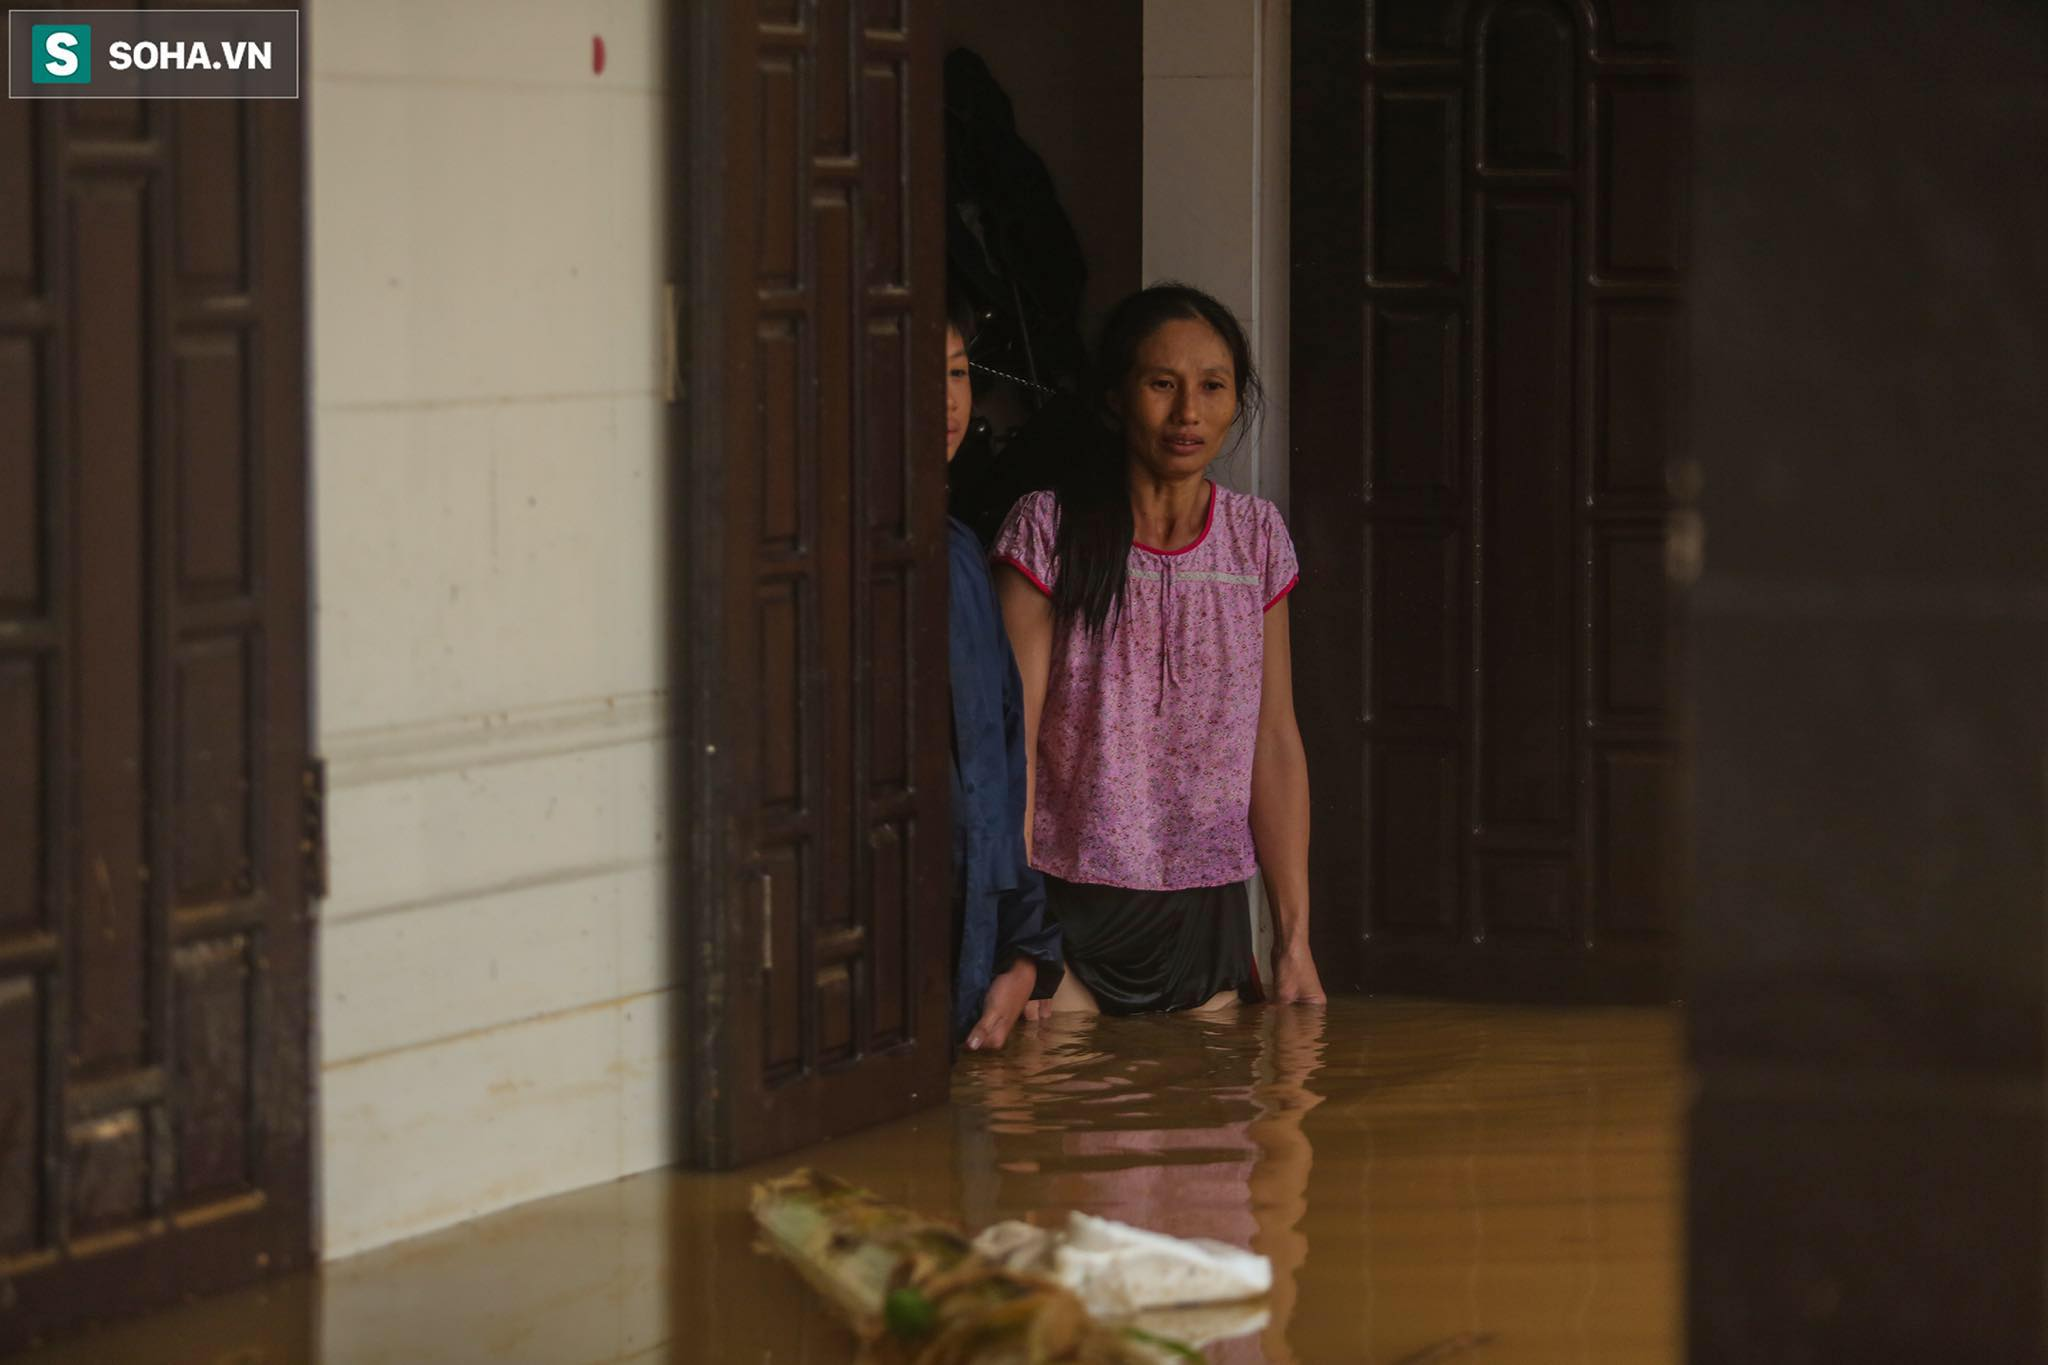 Những cánh tay 'cầu cứu' từ mái nhà trong cơn lũ lịch sử ở Quảng Bình - Ảnh 4.